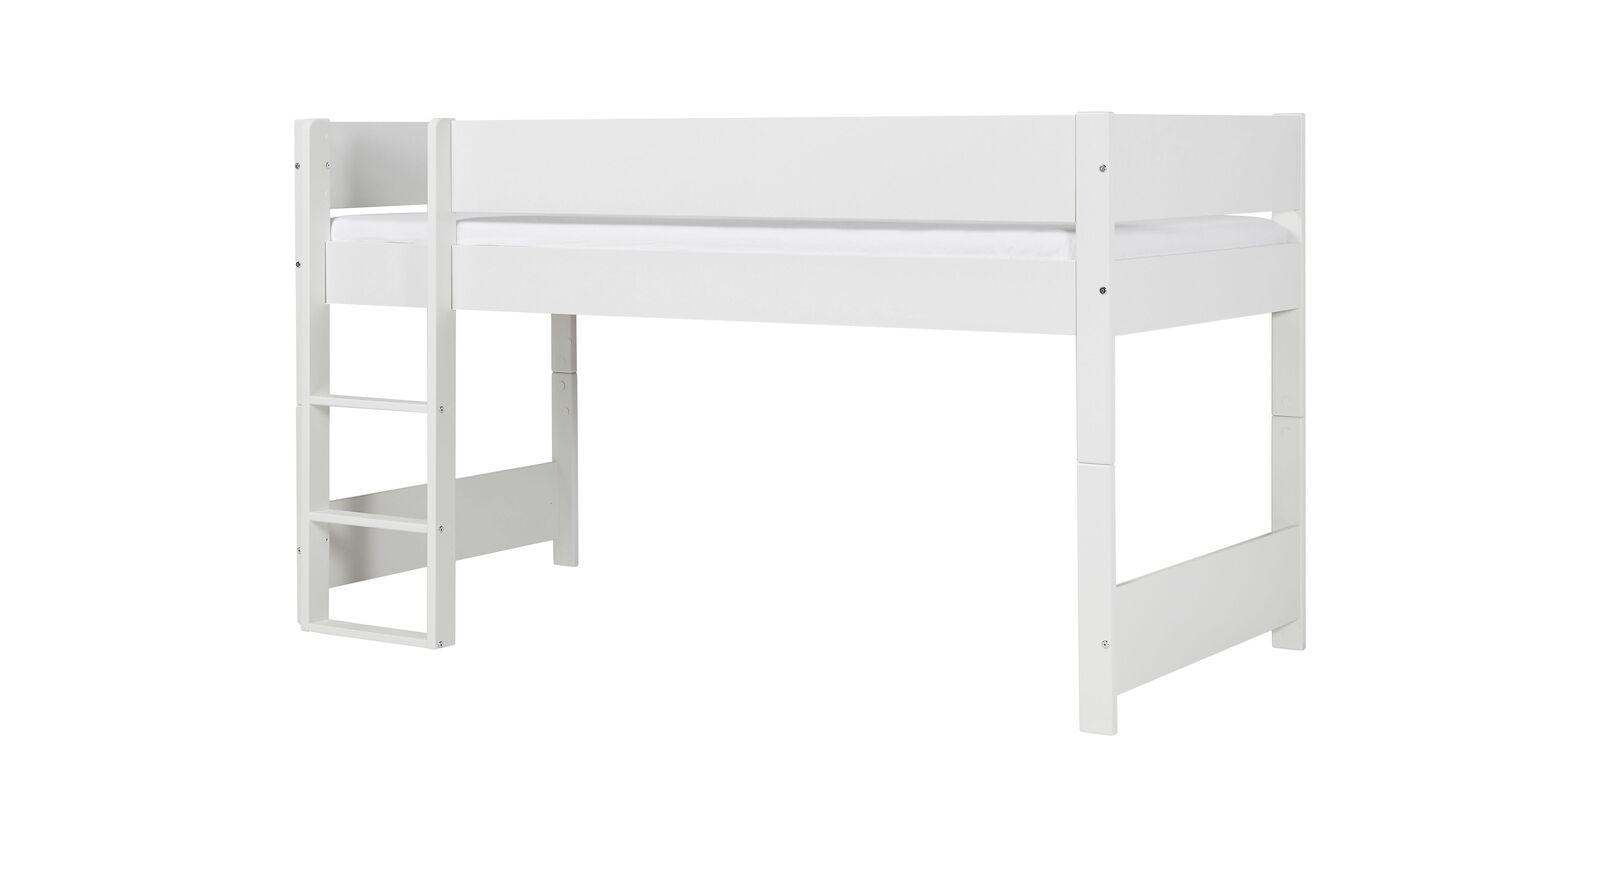 Preiswertes Halbhohes Bett Tacora für Kinderzimmer